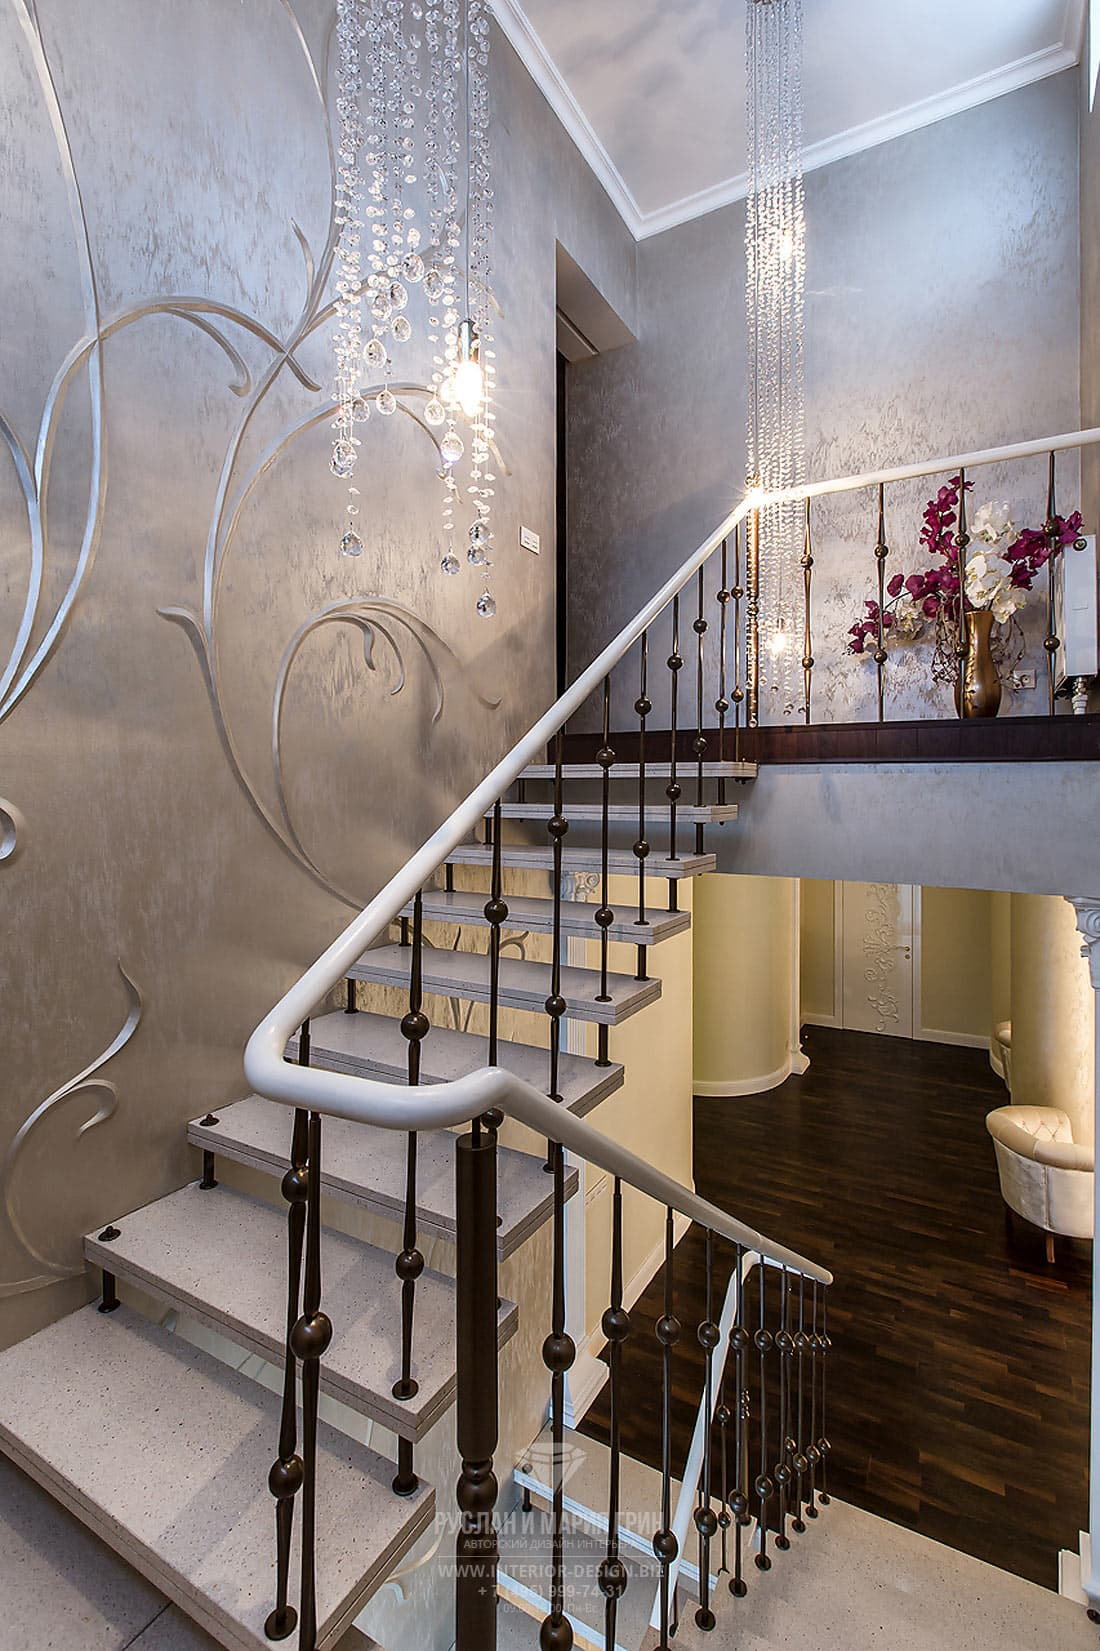 Дизайн лестницы и коридора в частном доме. Фото 2018